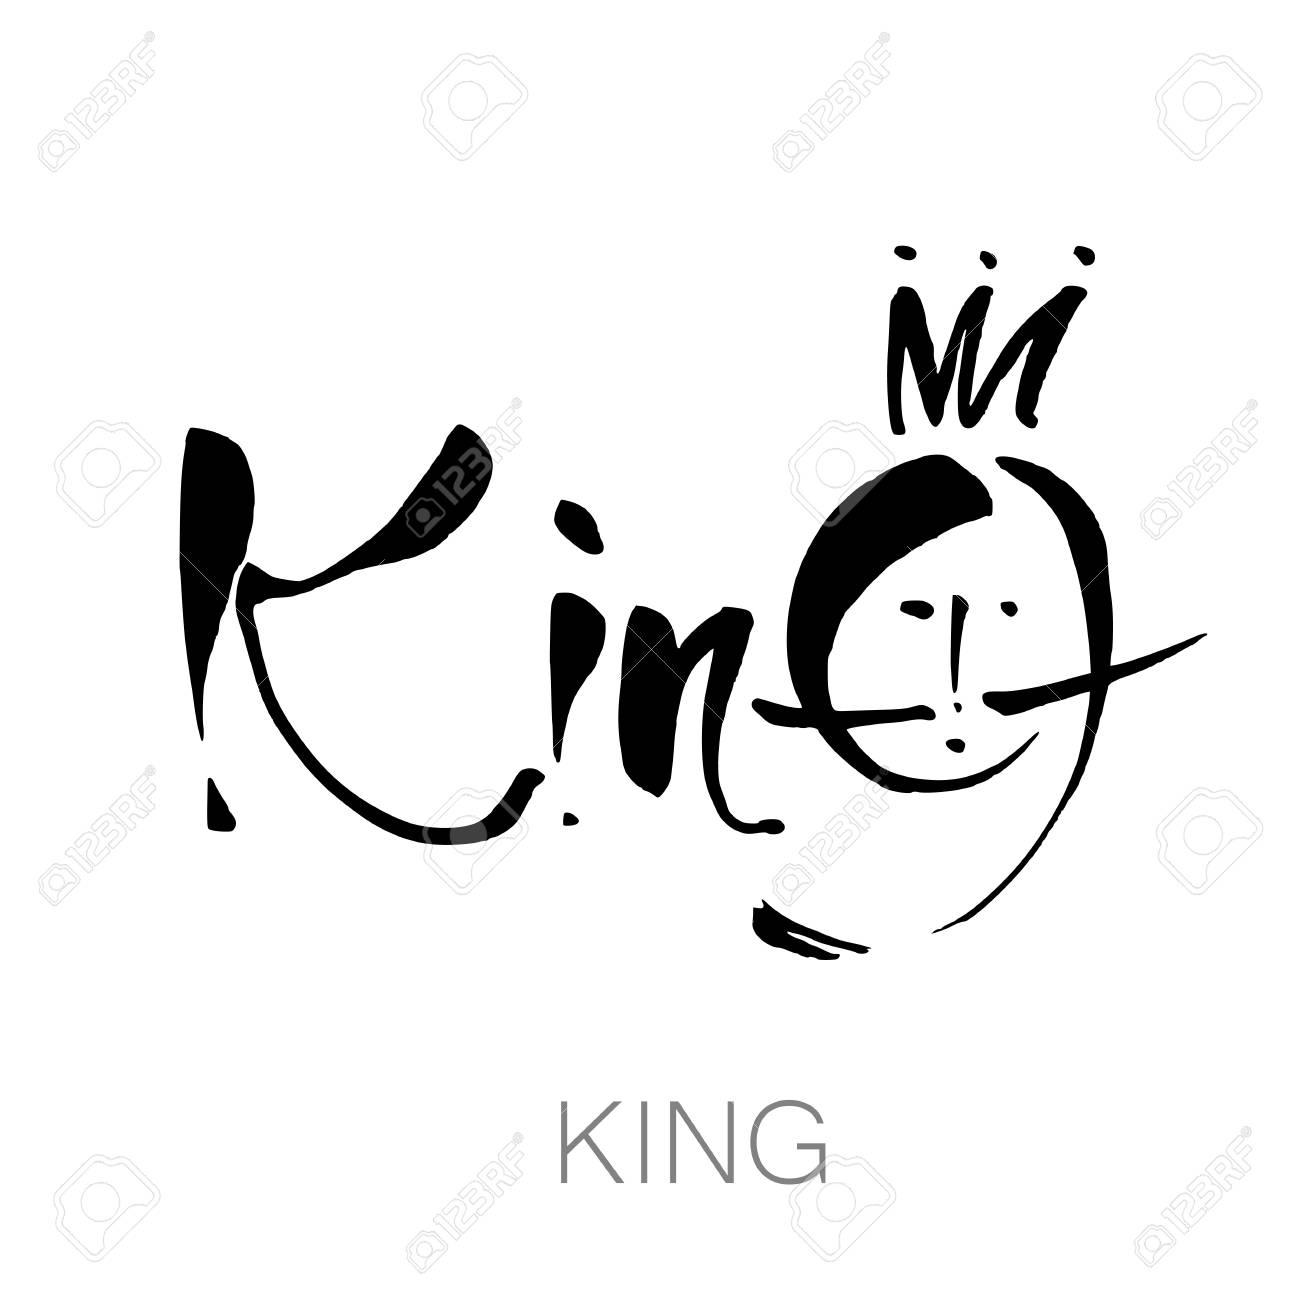 King\